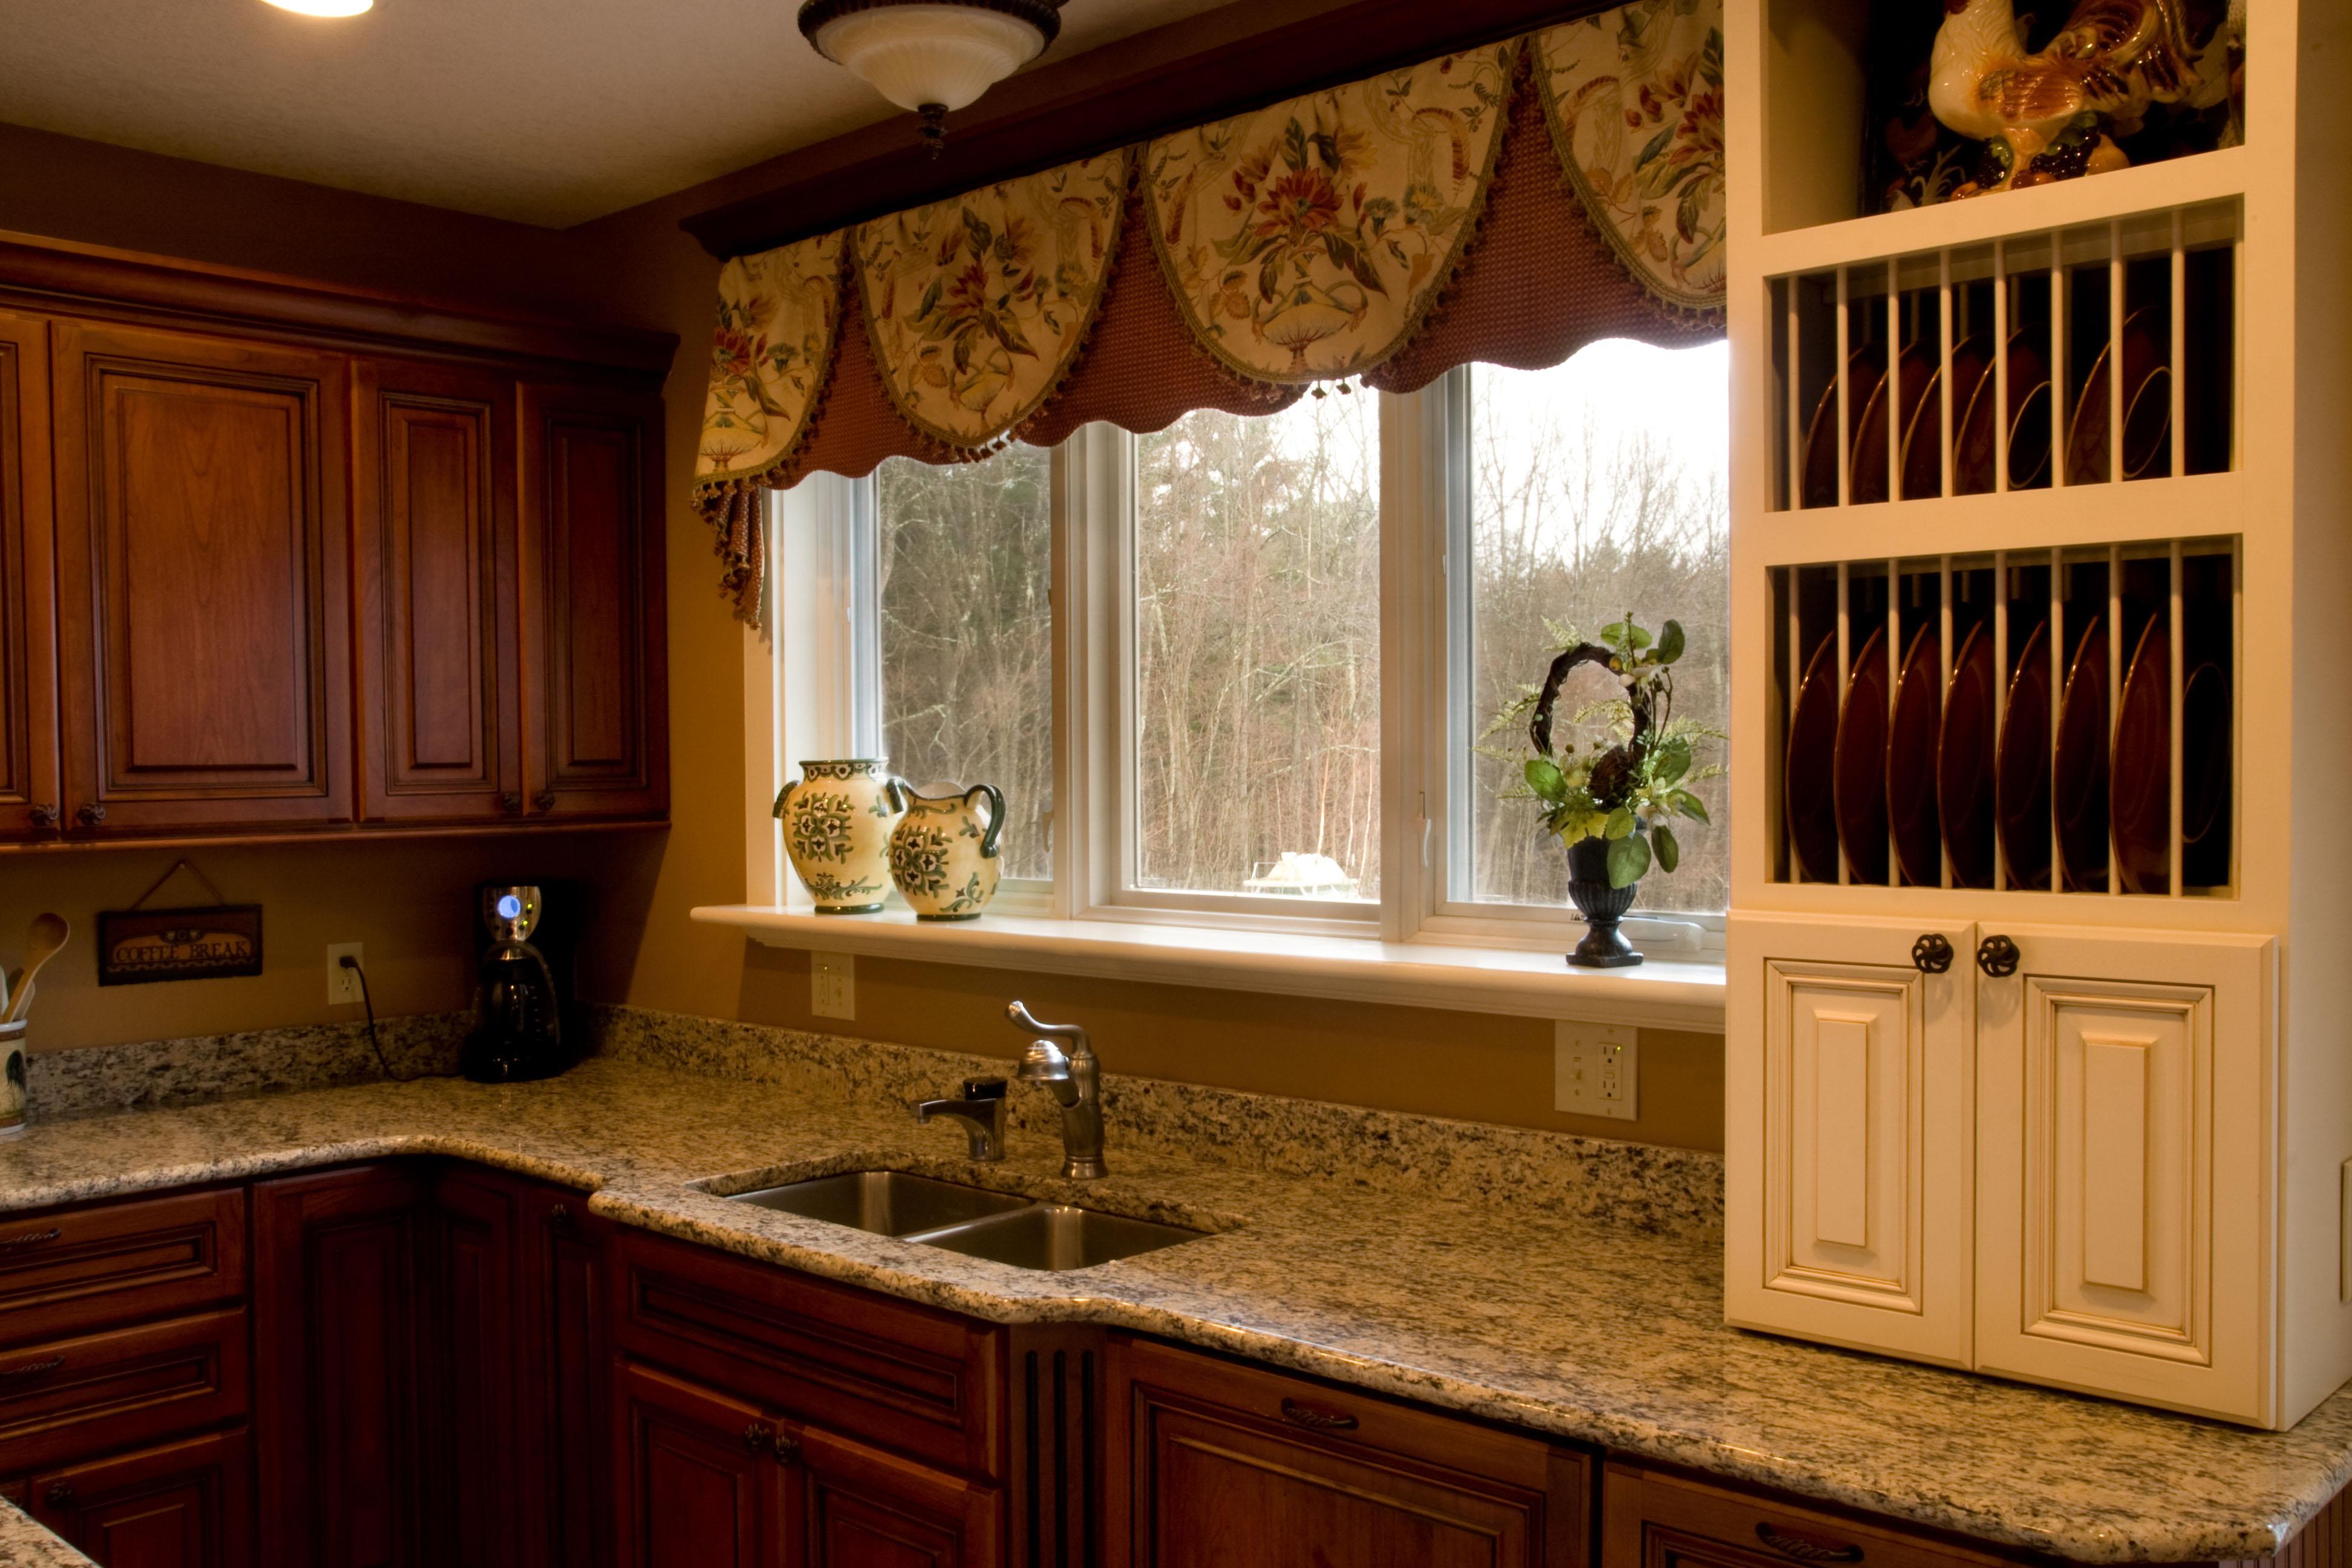 Tier kitchen curtains photo - 2